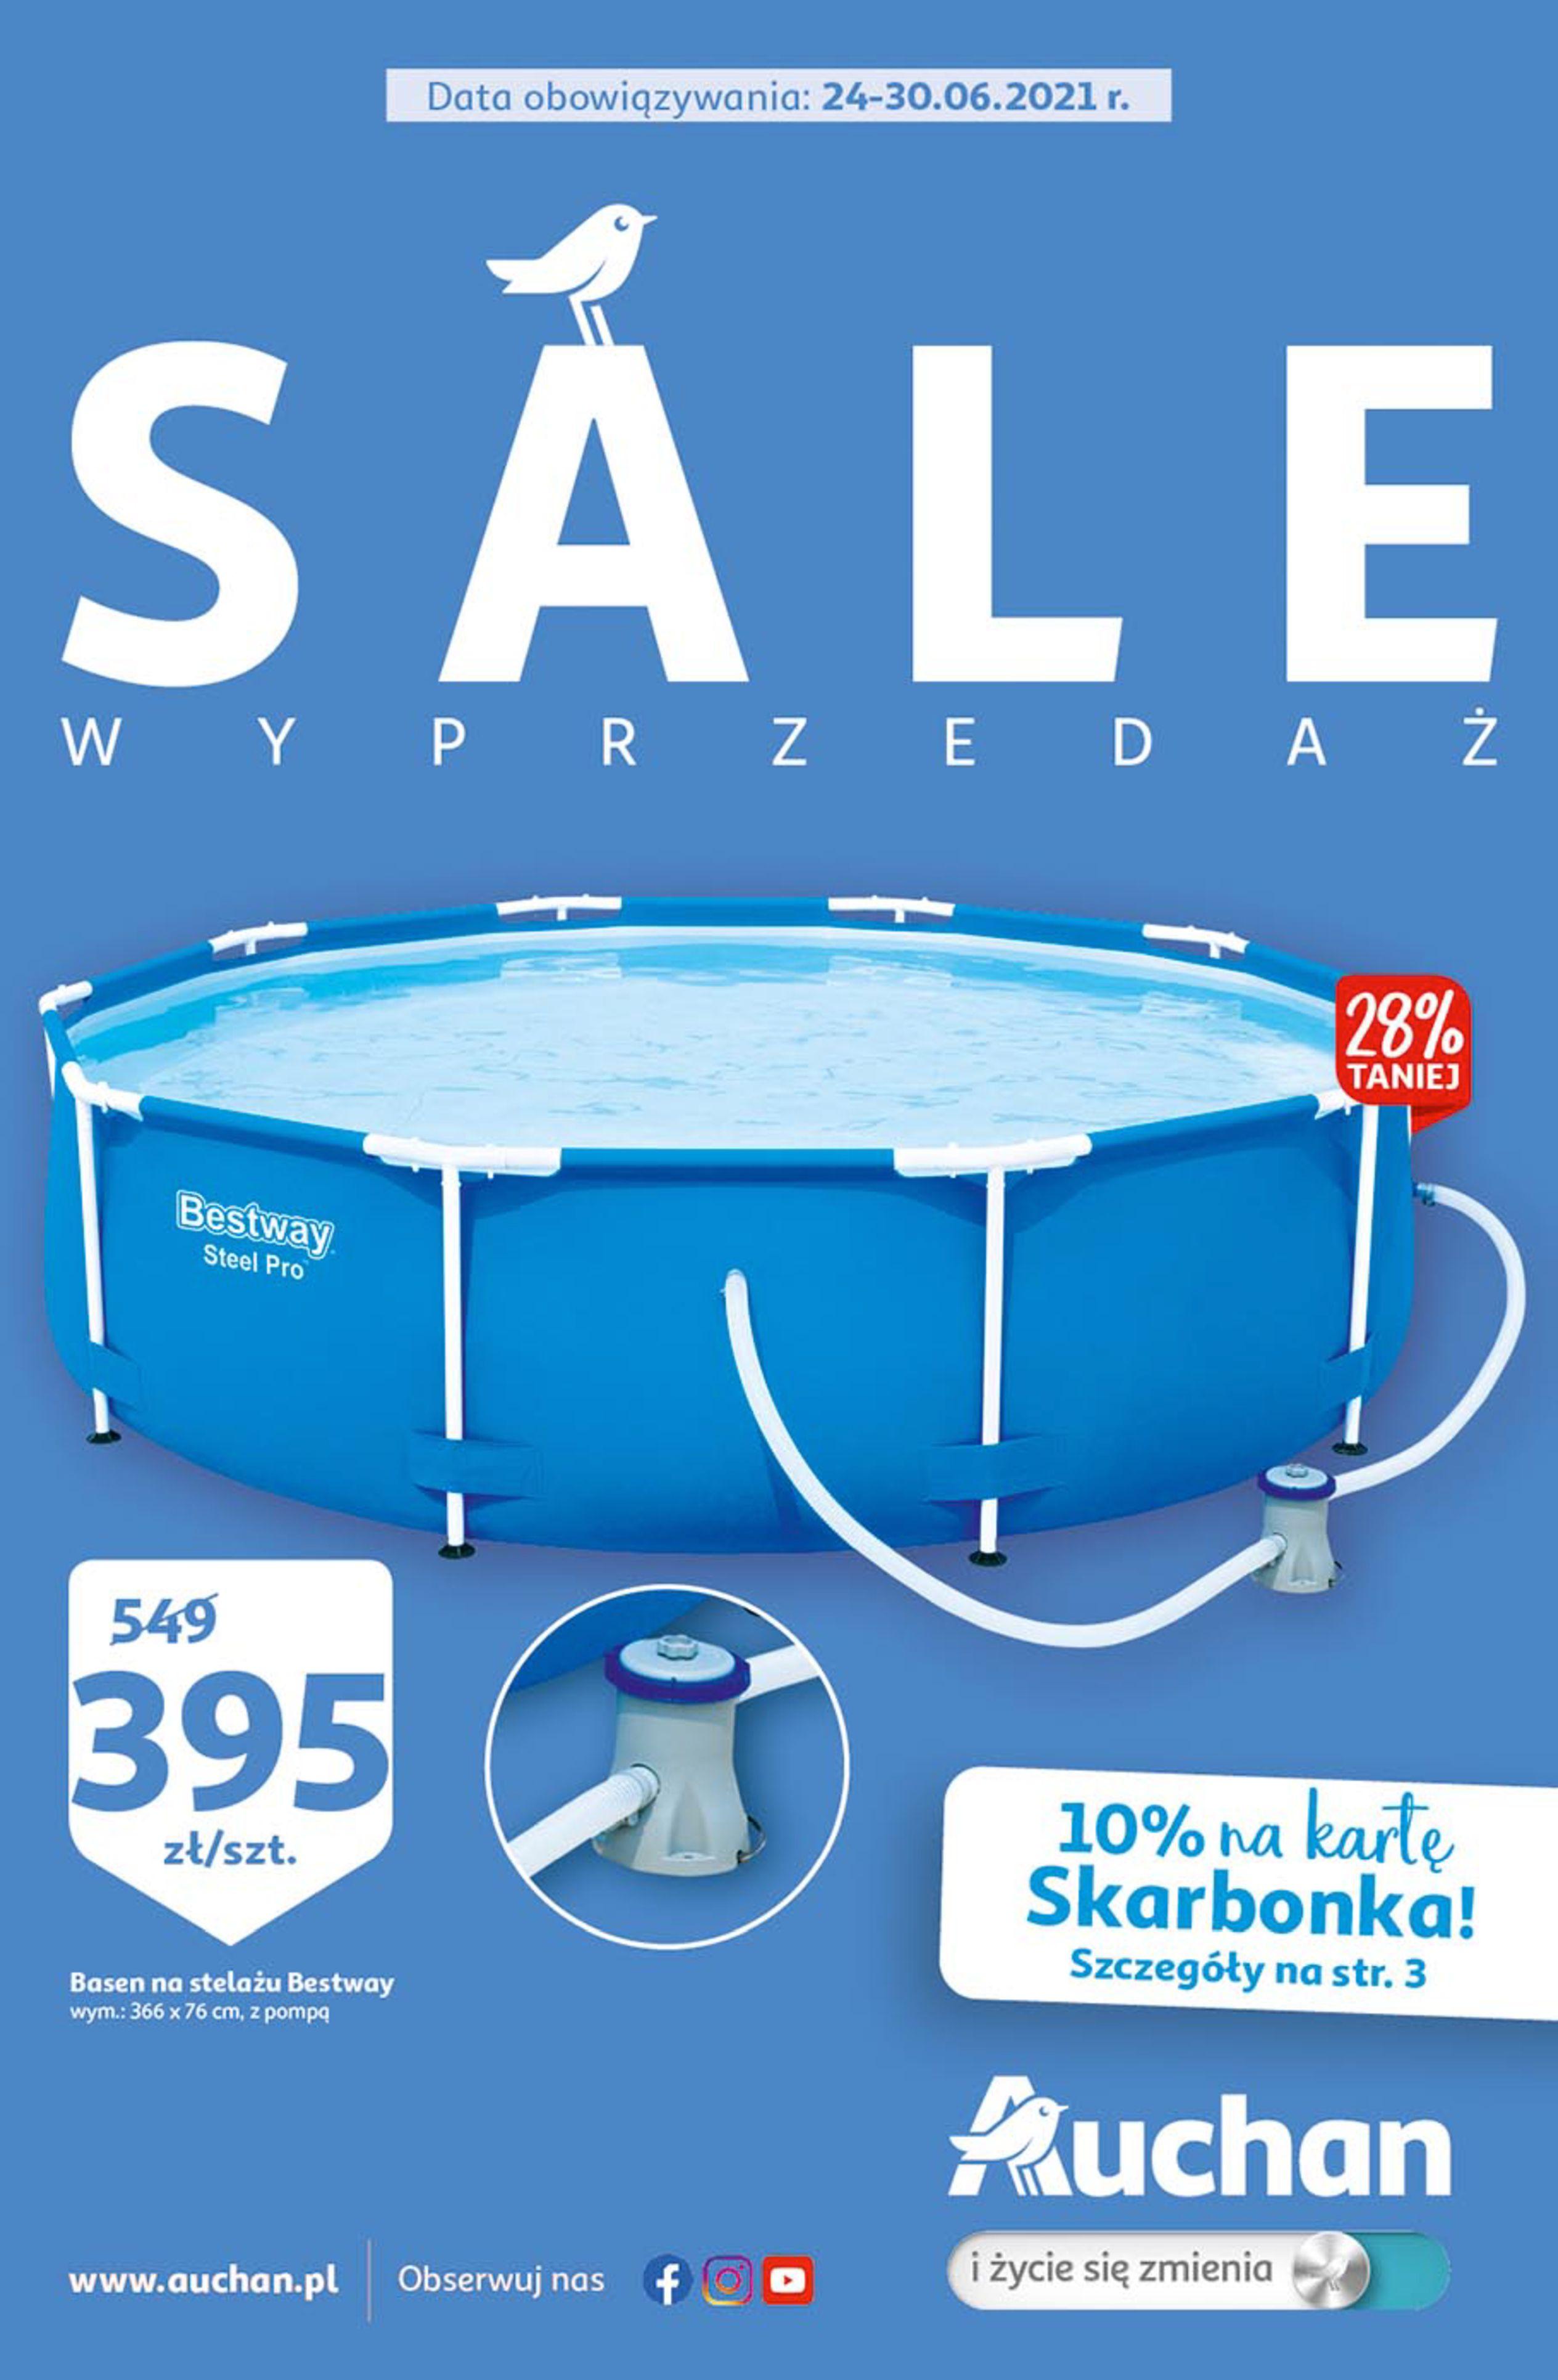 Auchan:  Gazetka Auchan - SALE Hipermarkety 23.06.2021